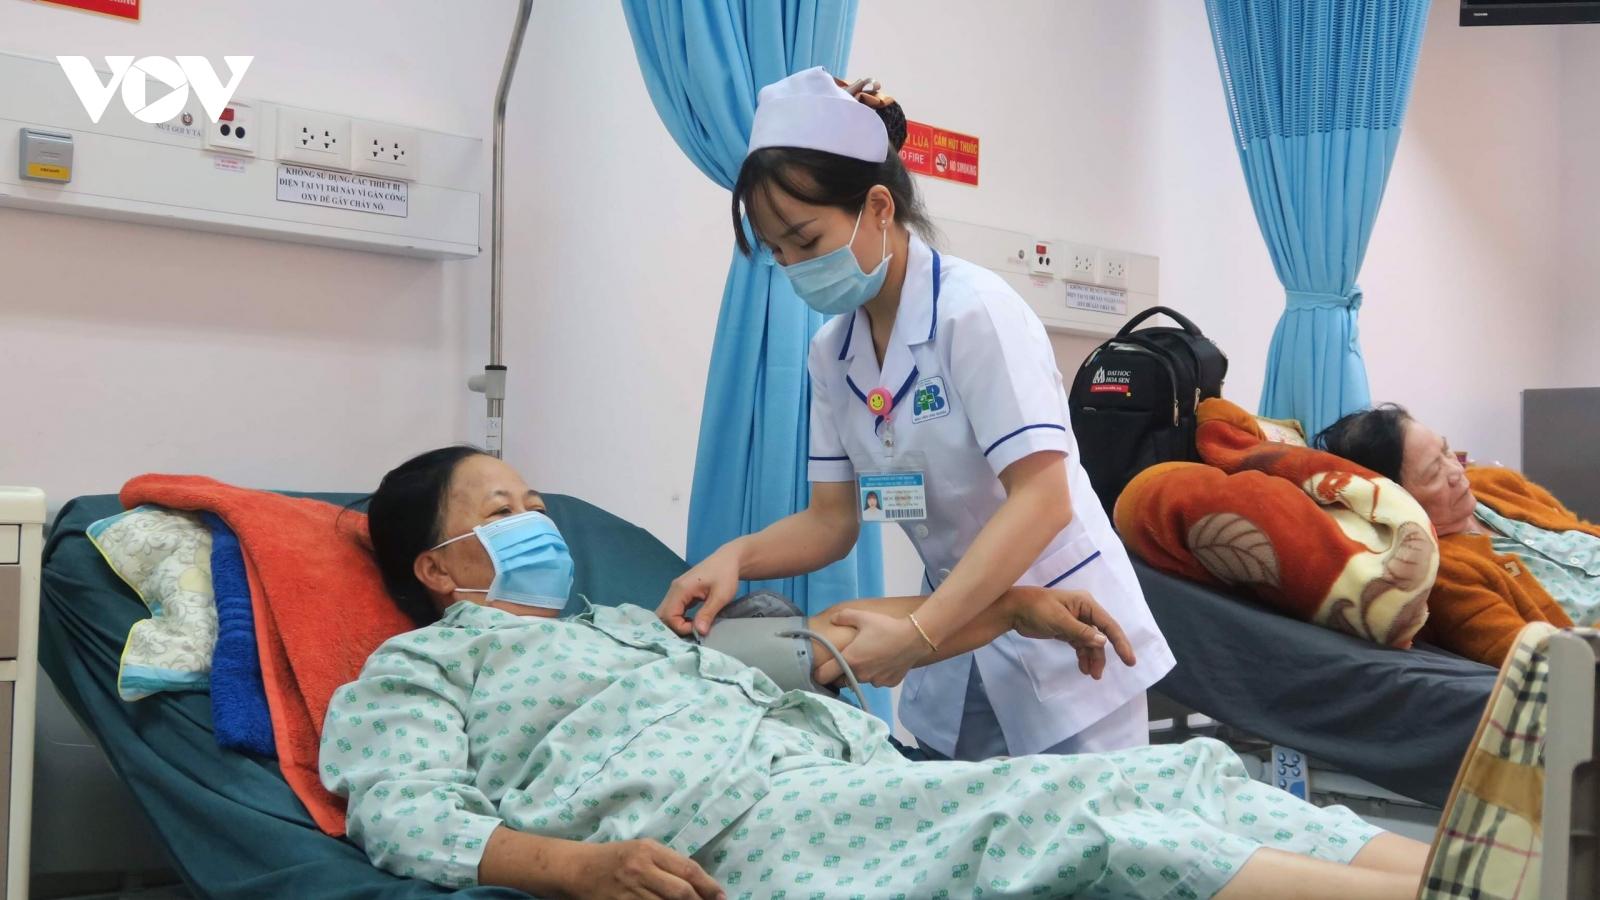 Thông tuyến tỉnh bảo hiểm y tế: Dân mừng, bệnh viện lo